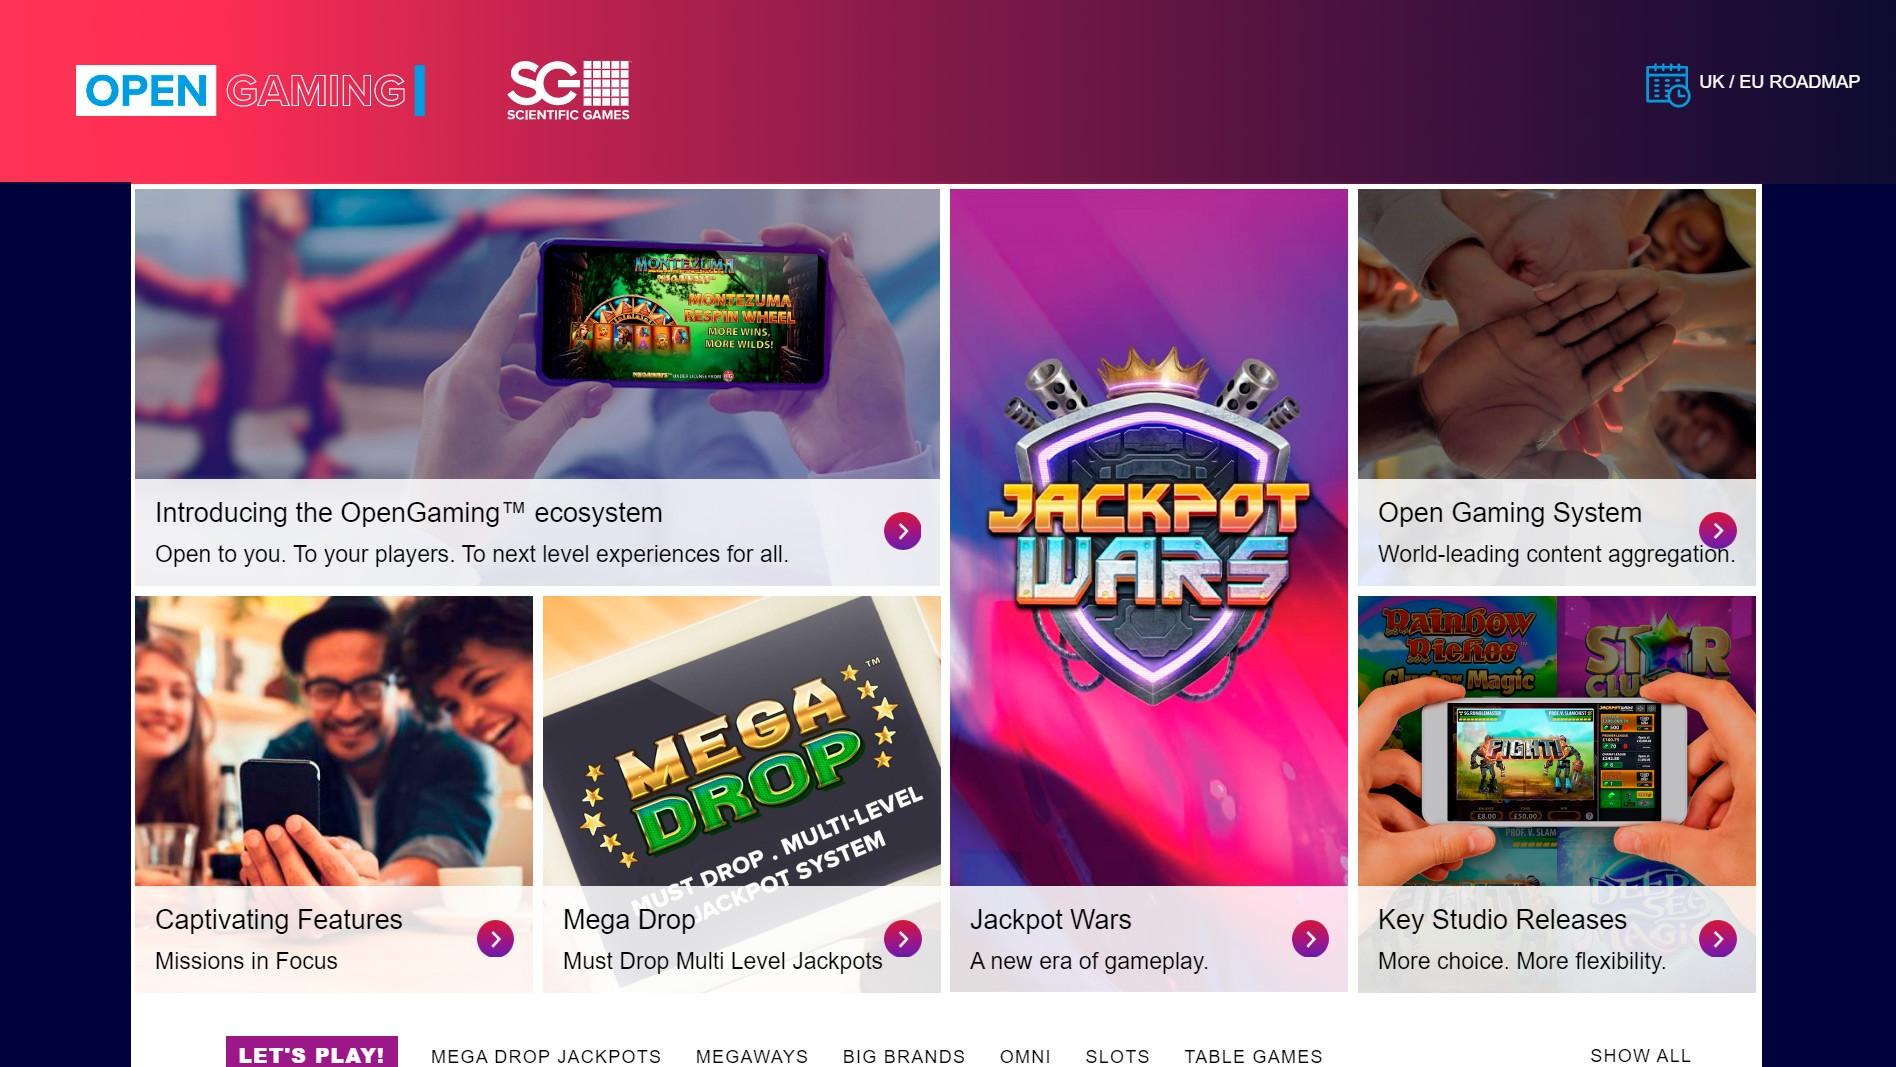 NetEnt entra nella piattaforma OpenGaming e continua a espandersi negli USA